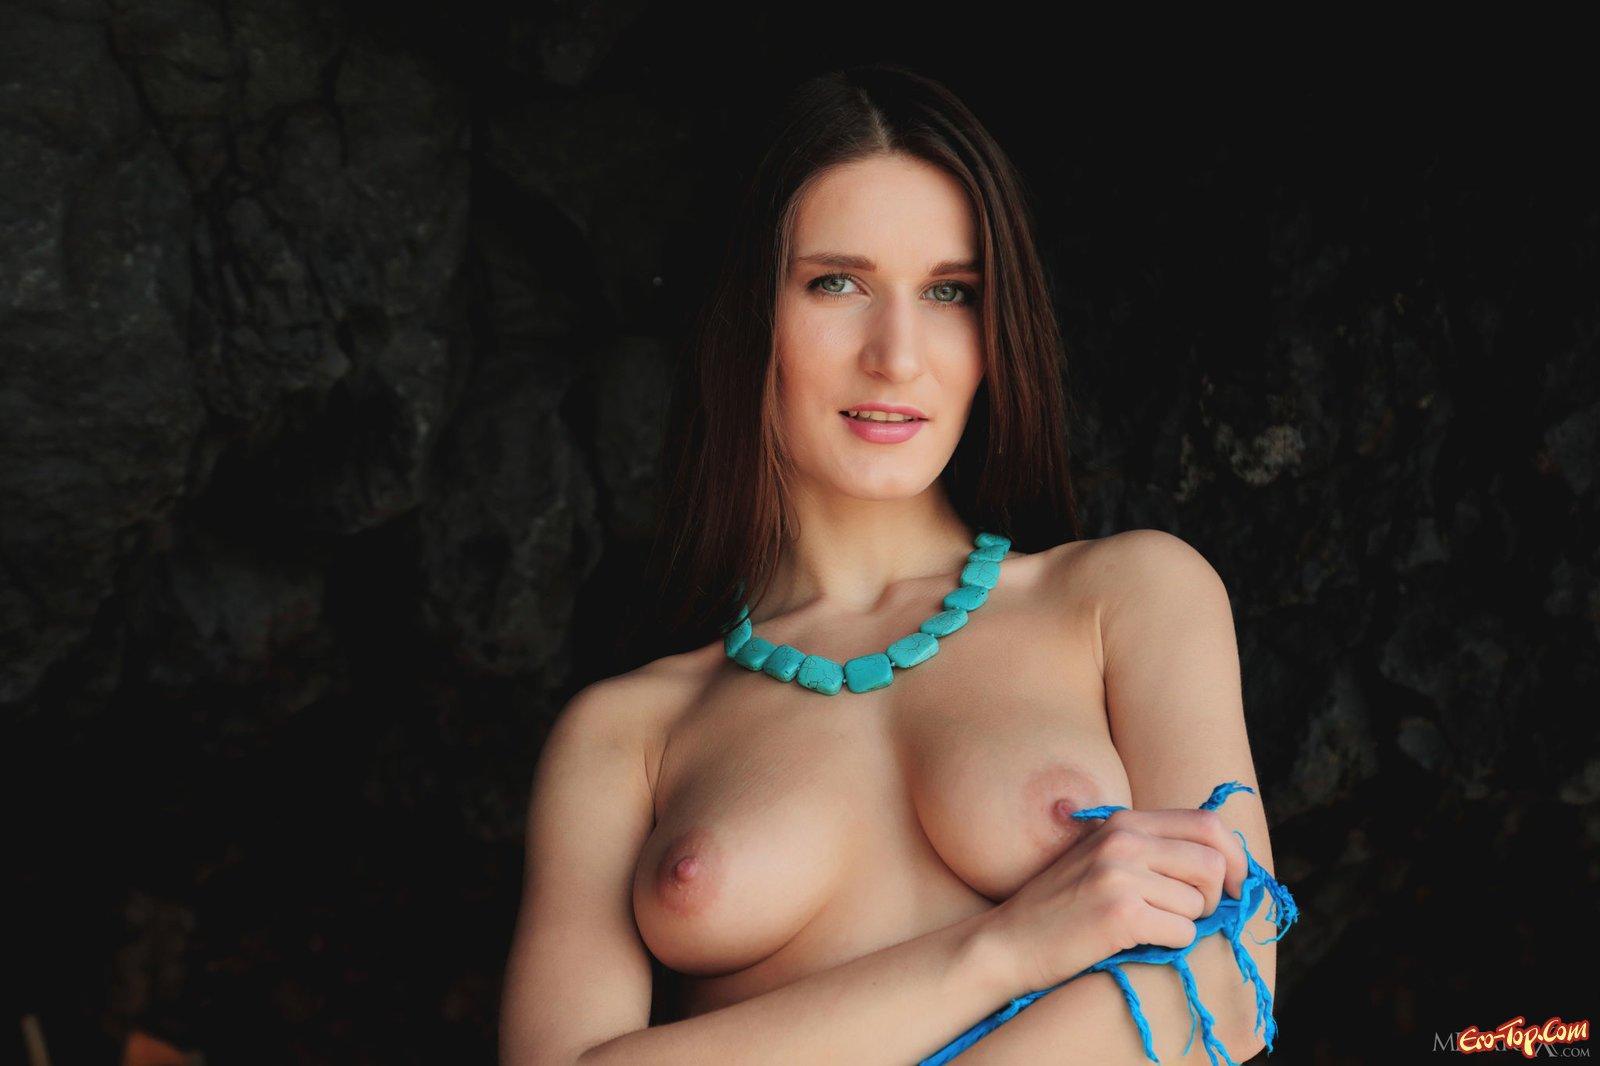 Девушка с натуральной грудью оголилась на пляже